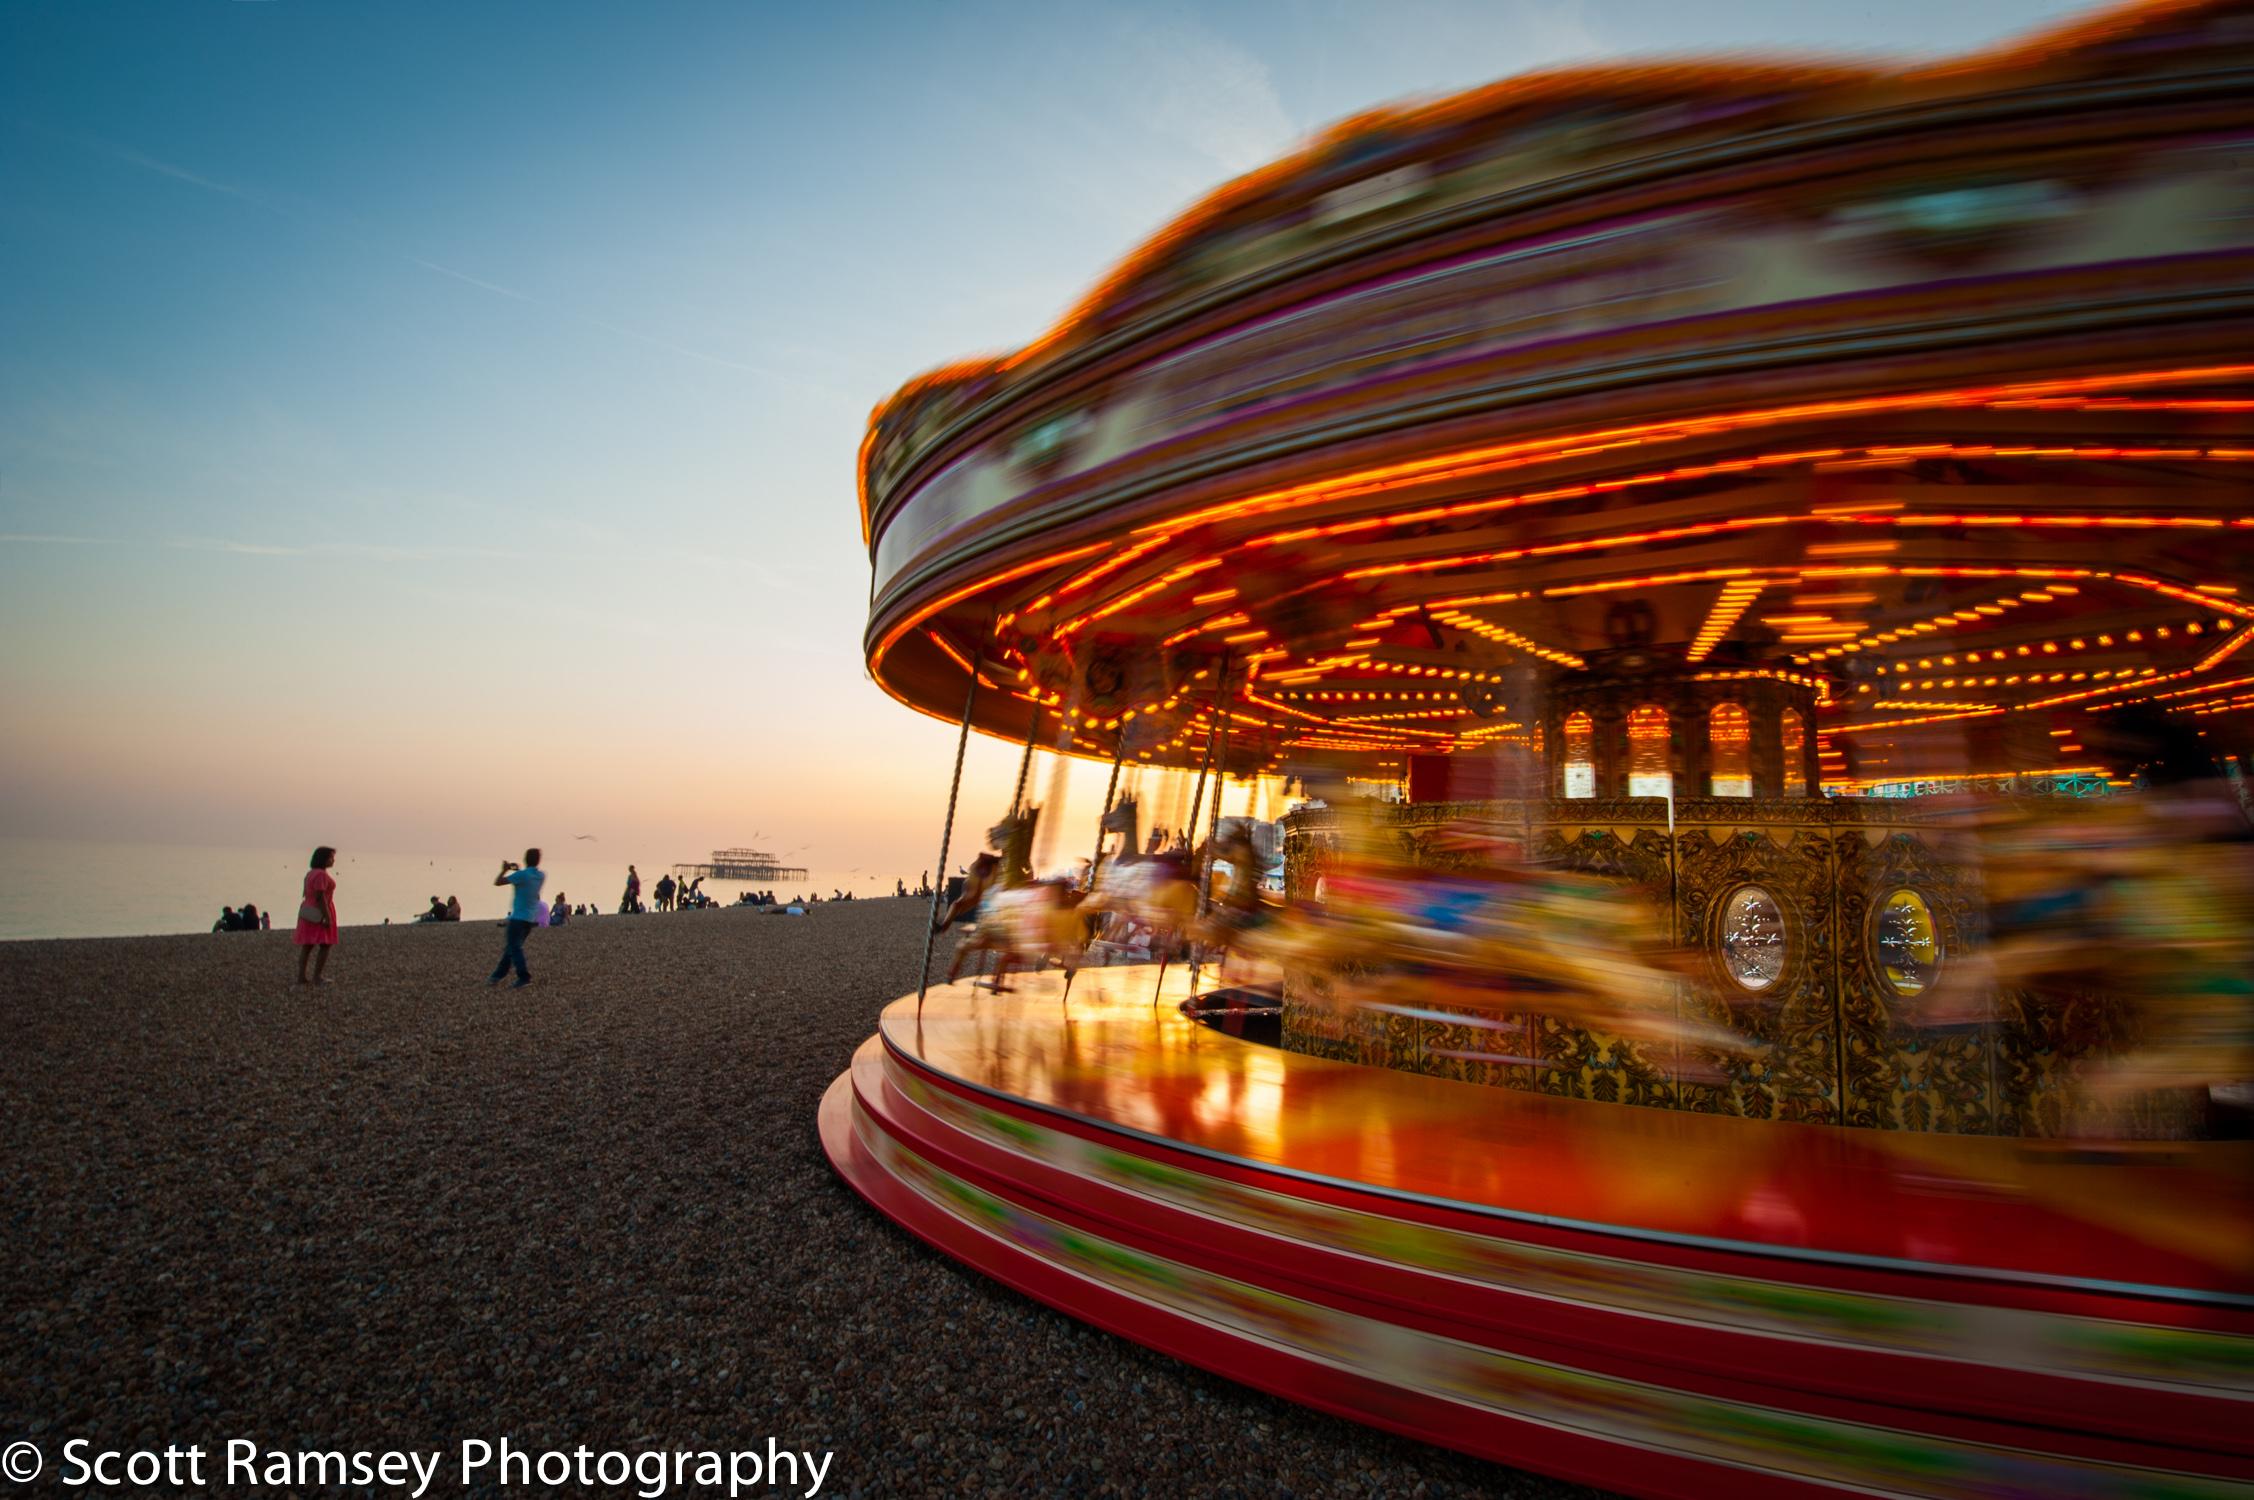 Brighton beach carousel.